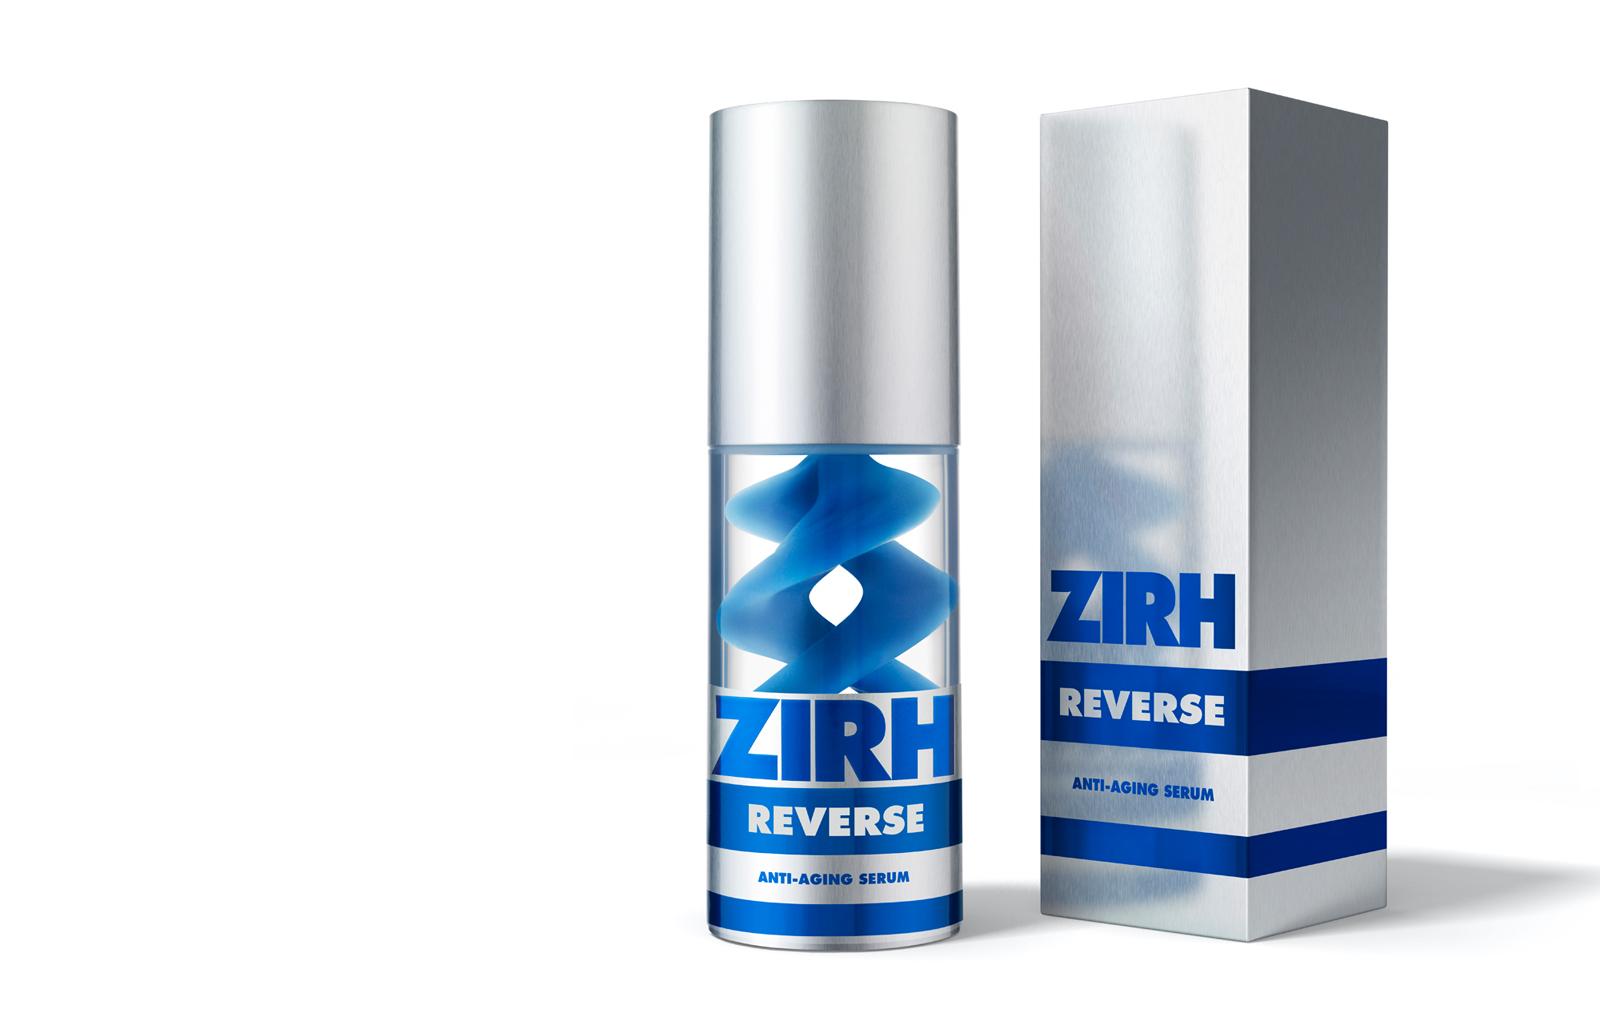 ZIRH_layout.jpg